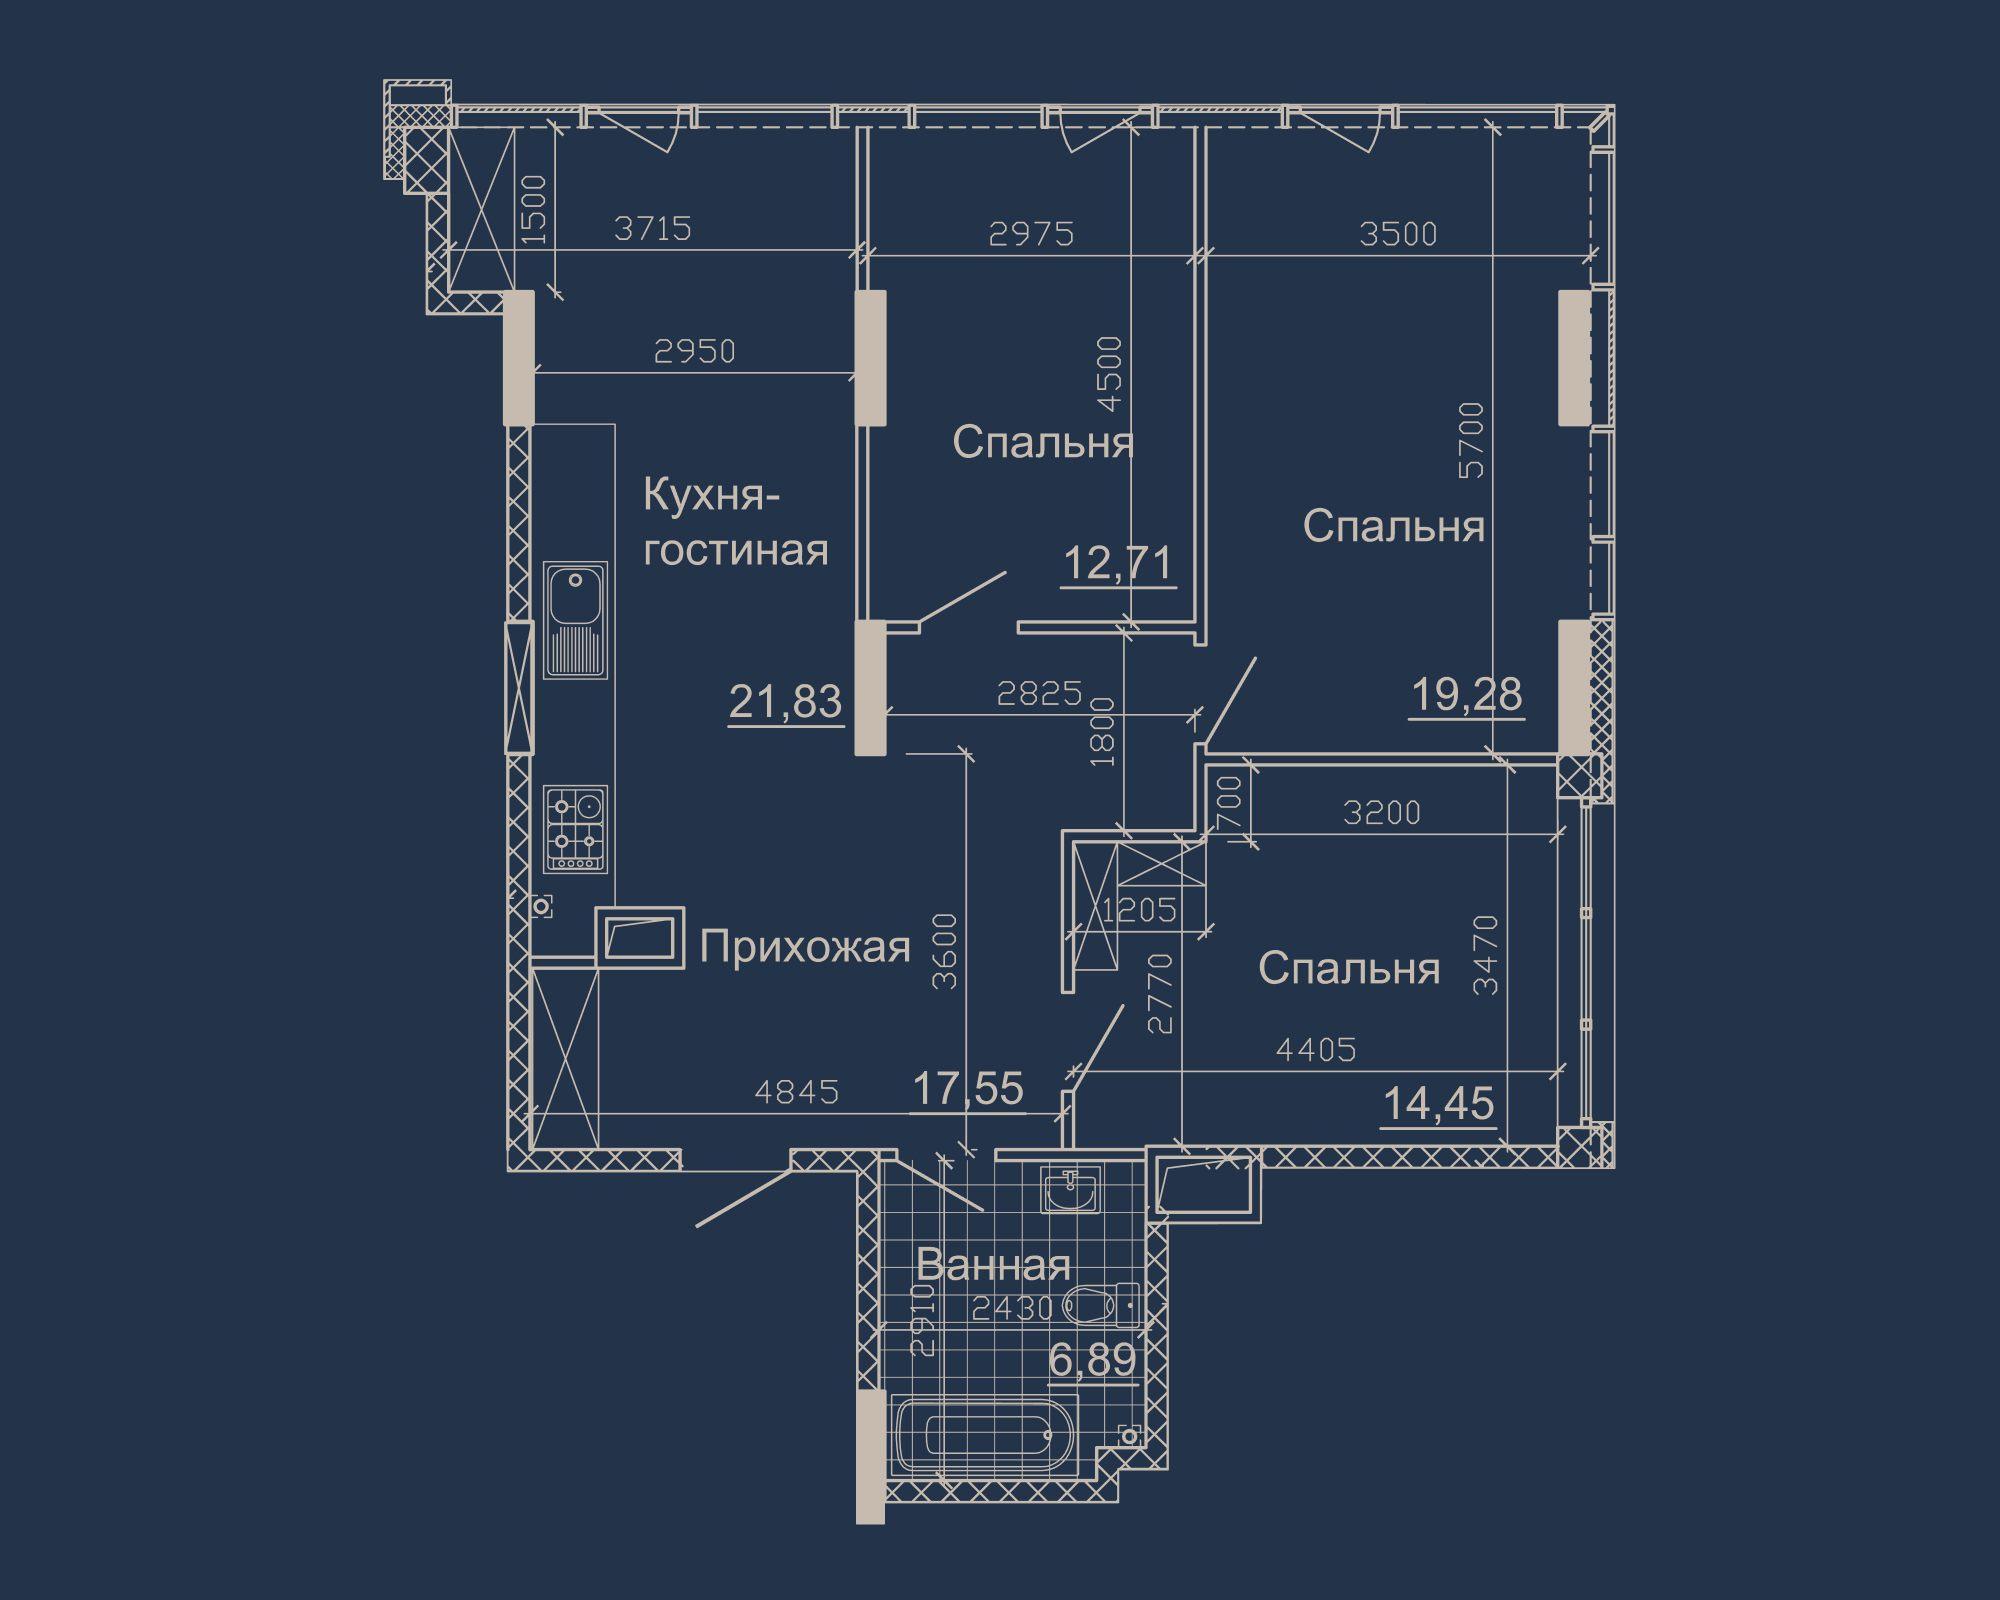 3-кімнатна квартира типу 01Б у ЖК Nebo